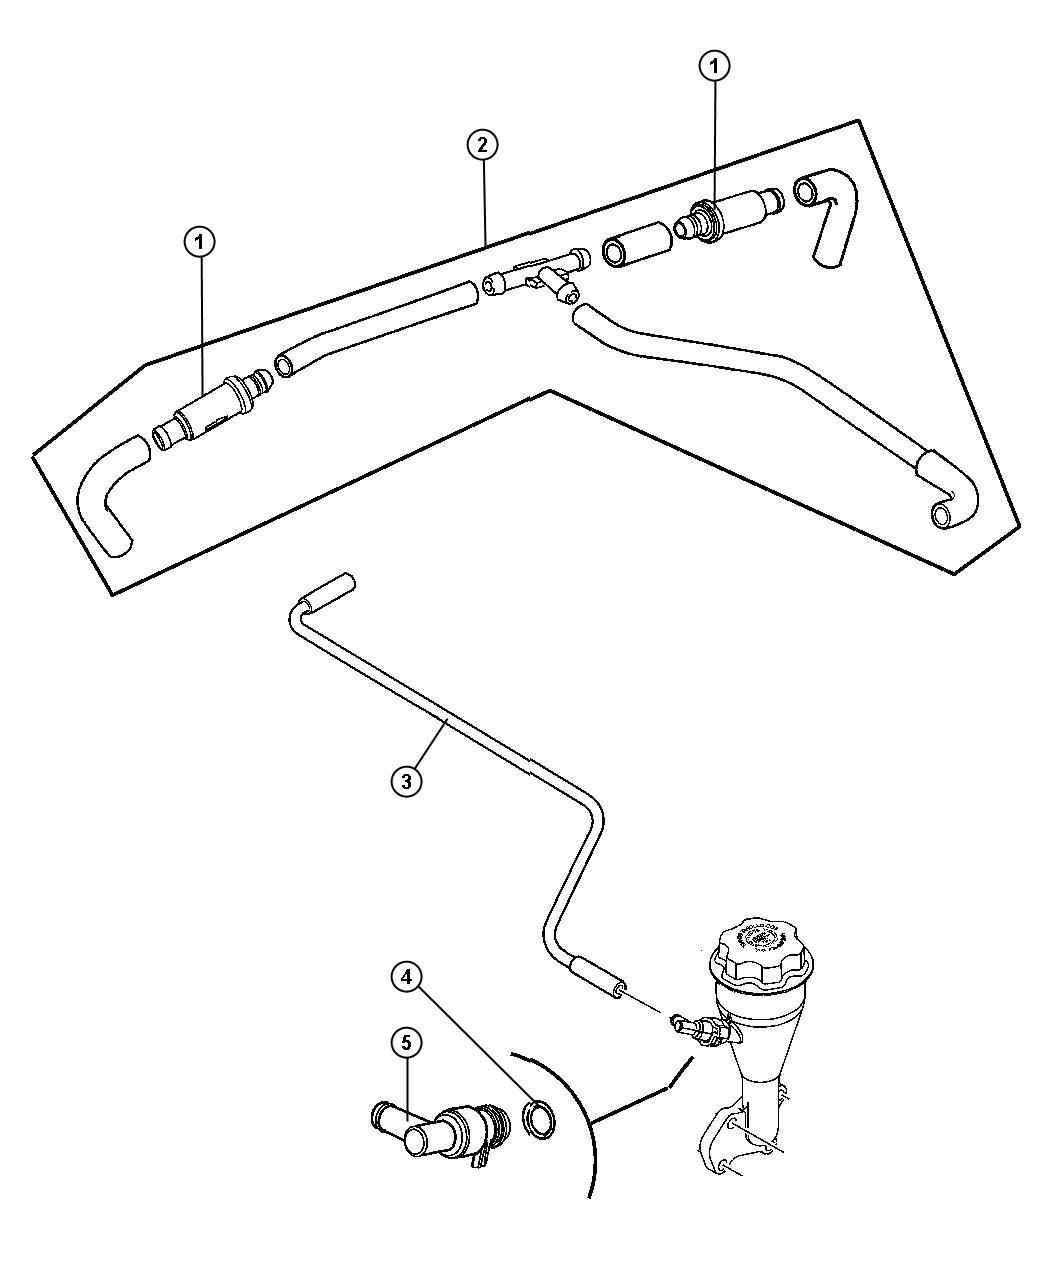 Showassembly i2112304 2005 dodge ram 1500 5 7 engine diagram at freeautoresponder co